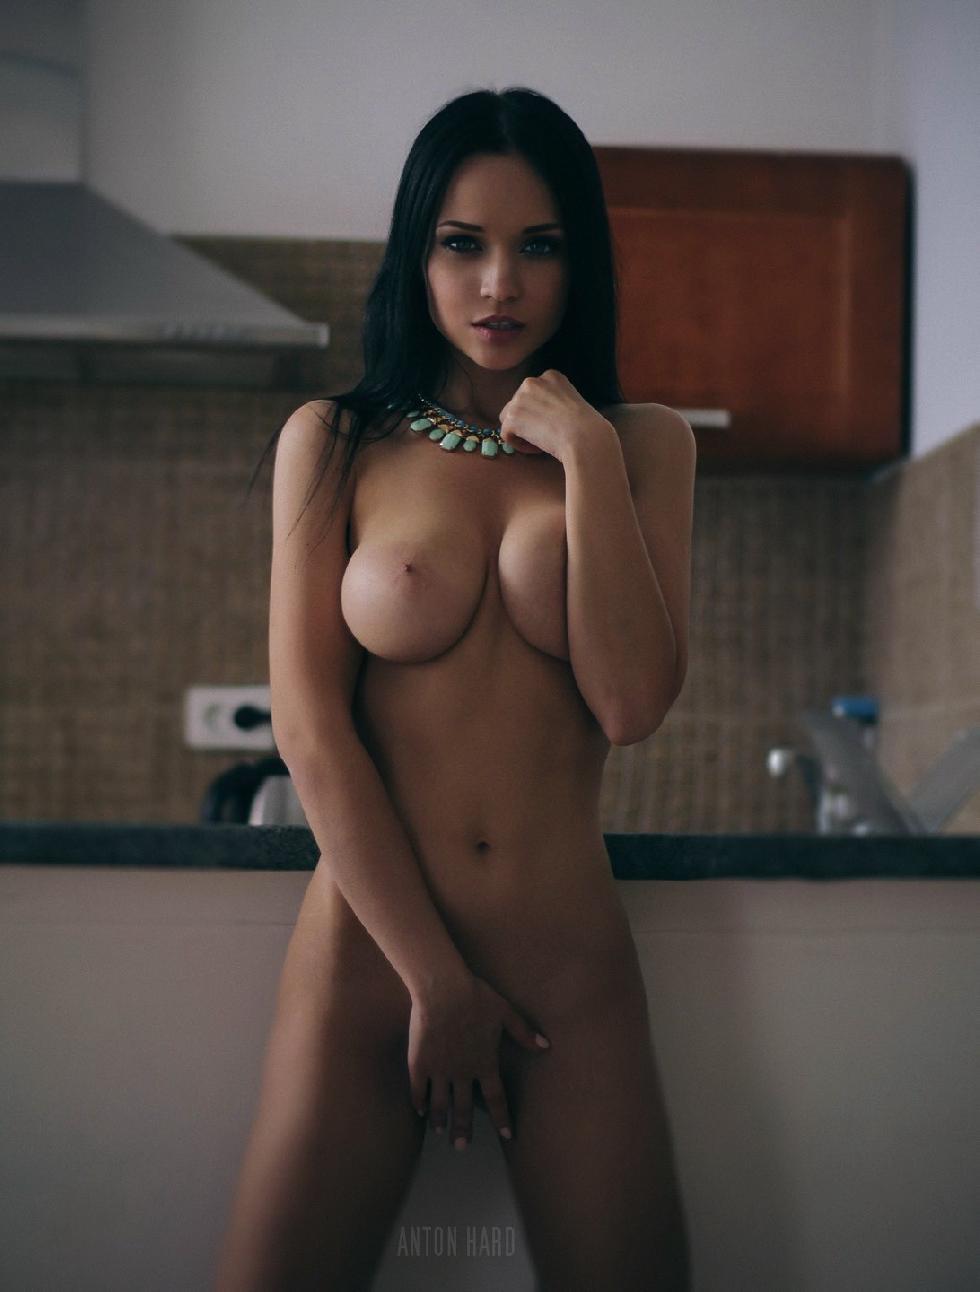 Weekly erotic picdump - 06/2018 - 90